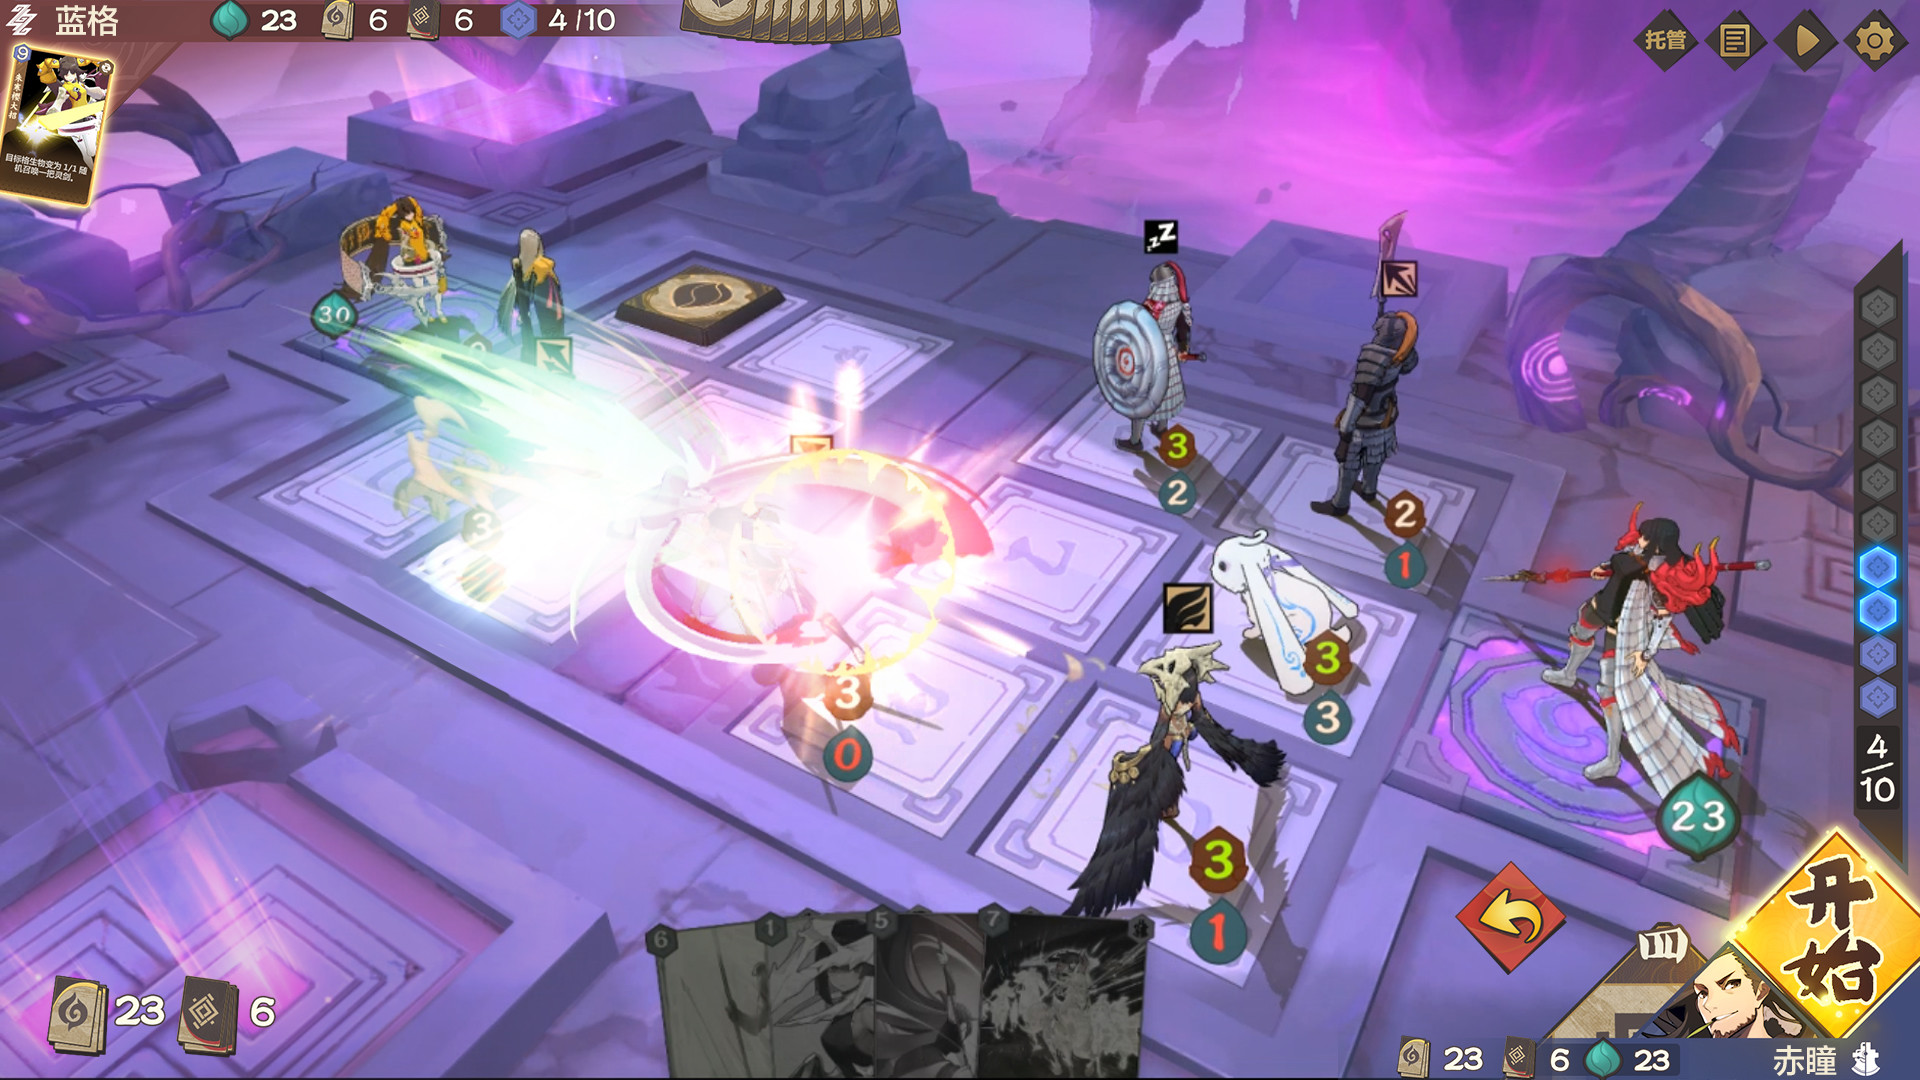 卡牌手游《仙剑奇侠传:九野》10月登陆Steam 免费开玩